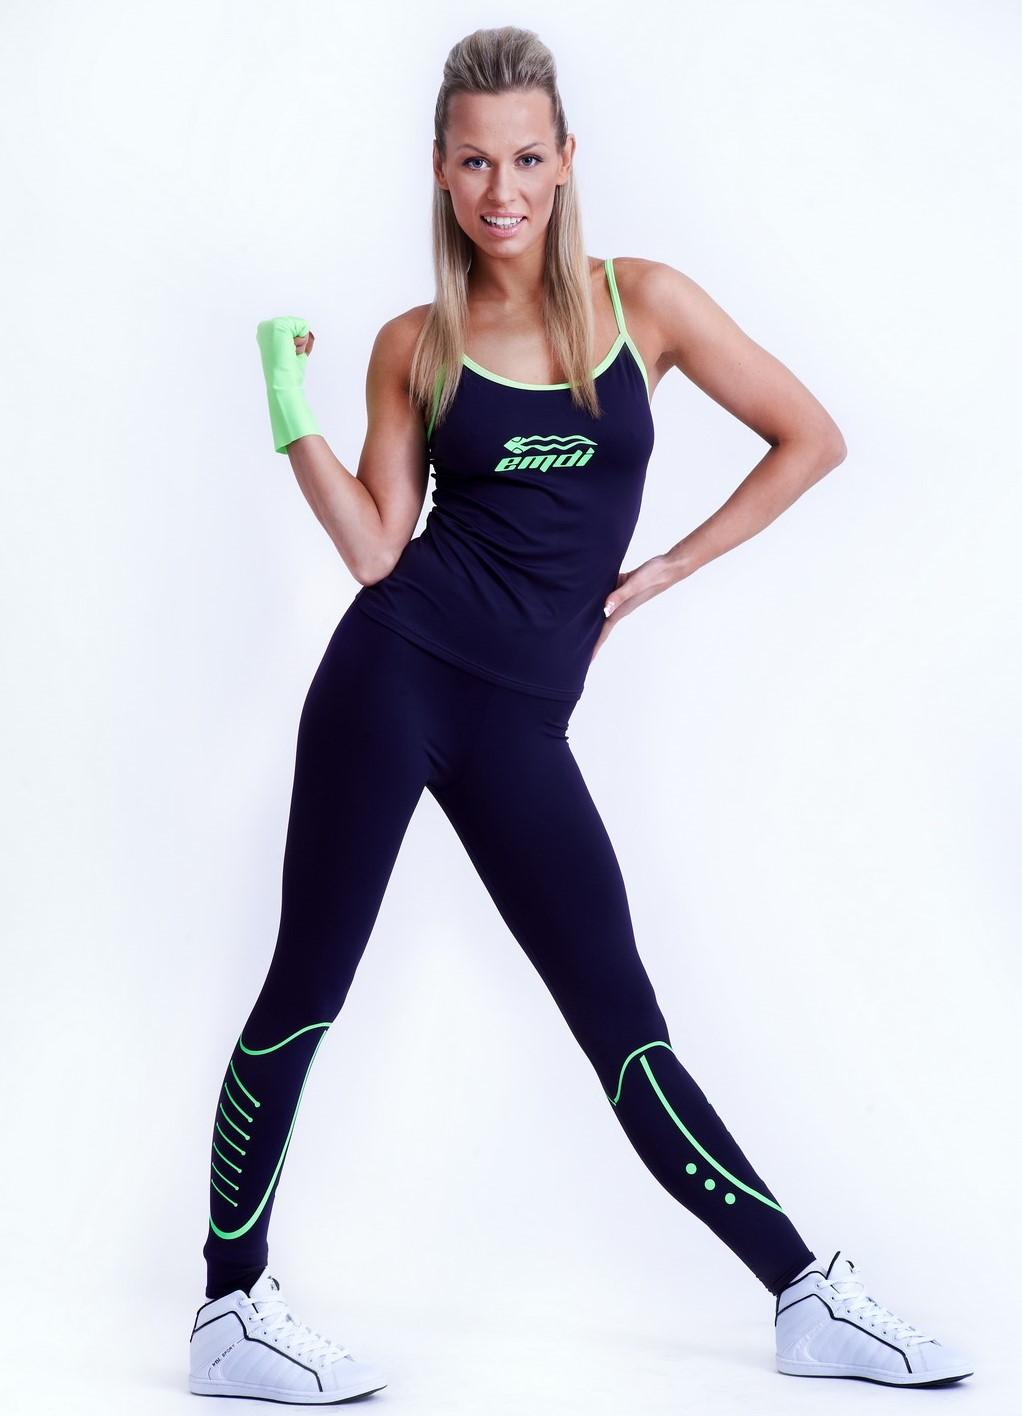 Онлайн hd видео девушек в спортивной одежде, пизда ангелики блэк фото